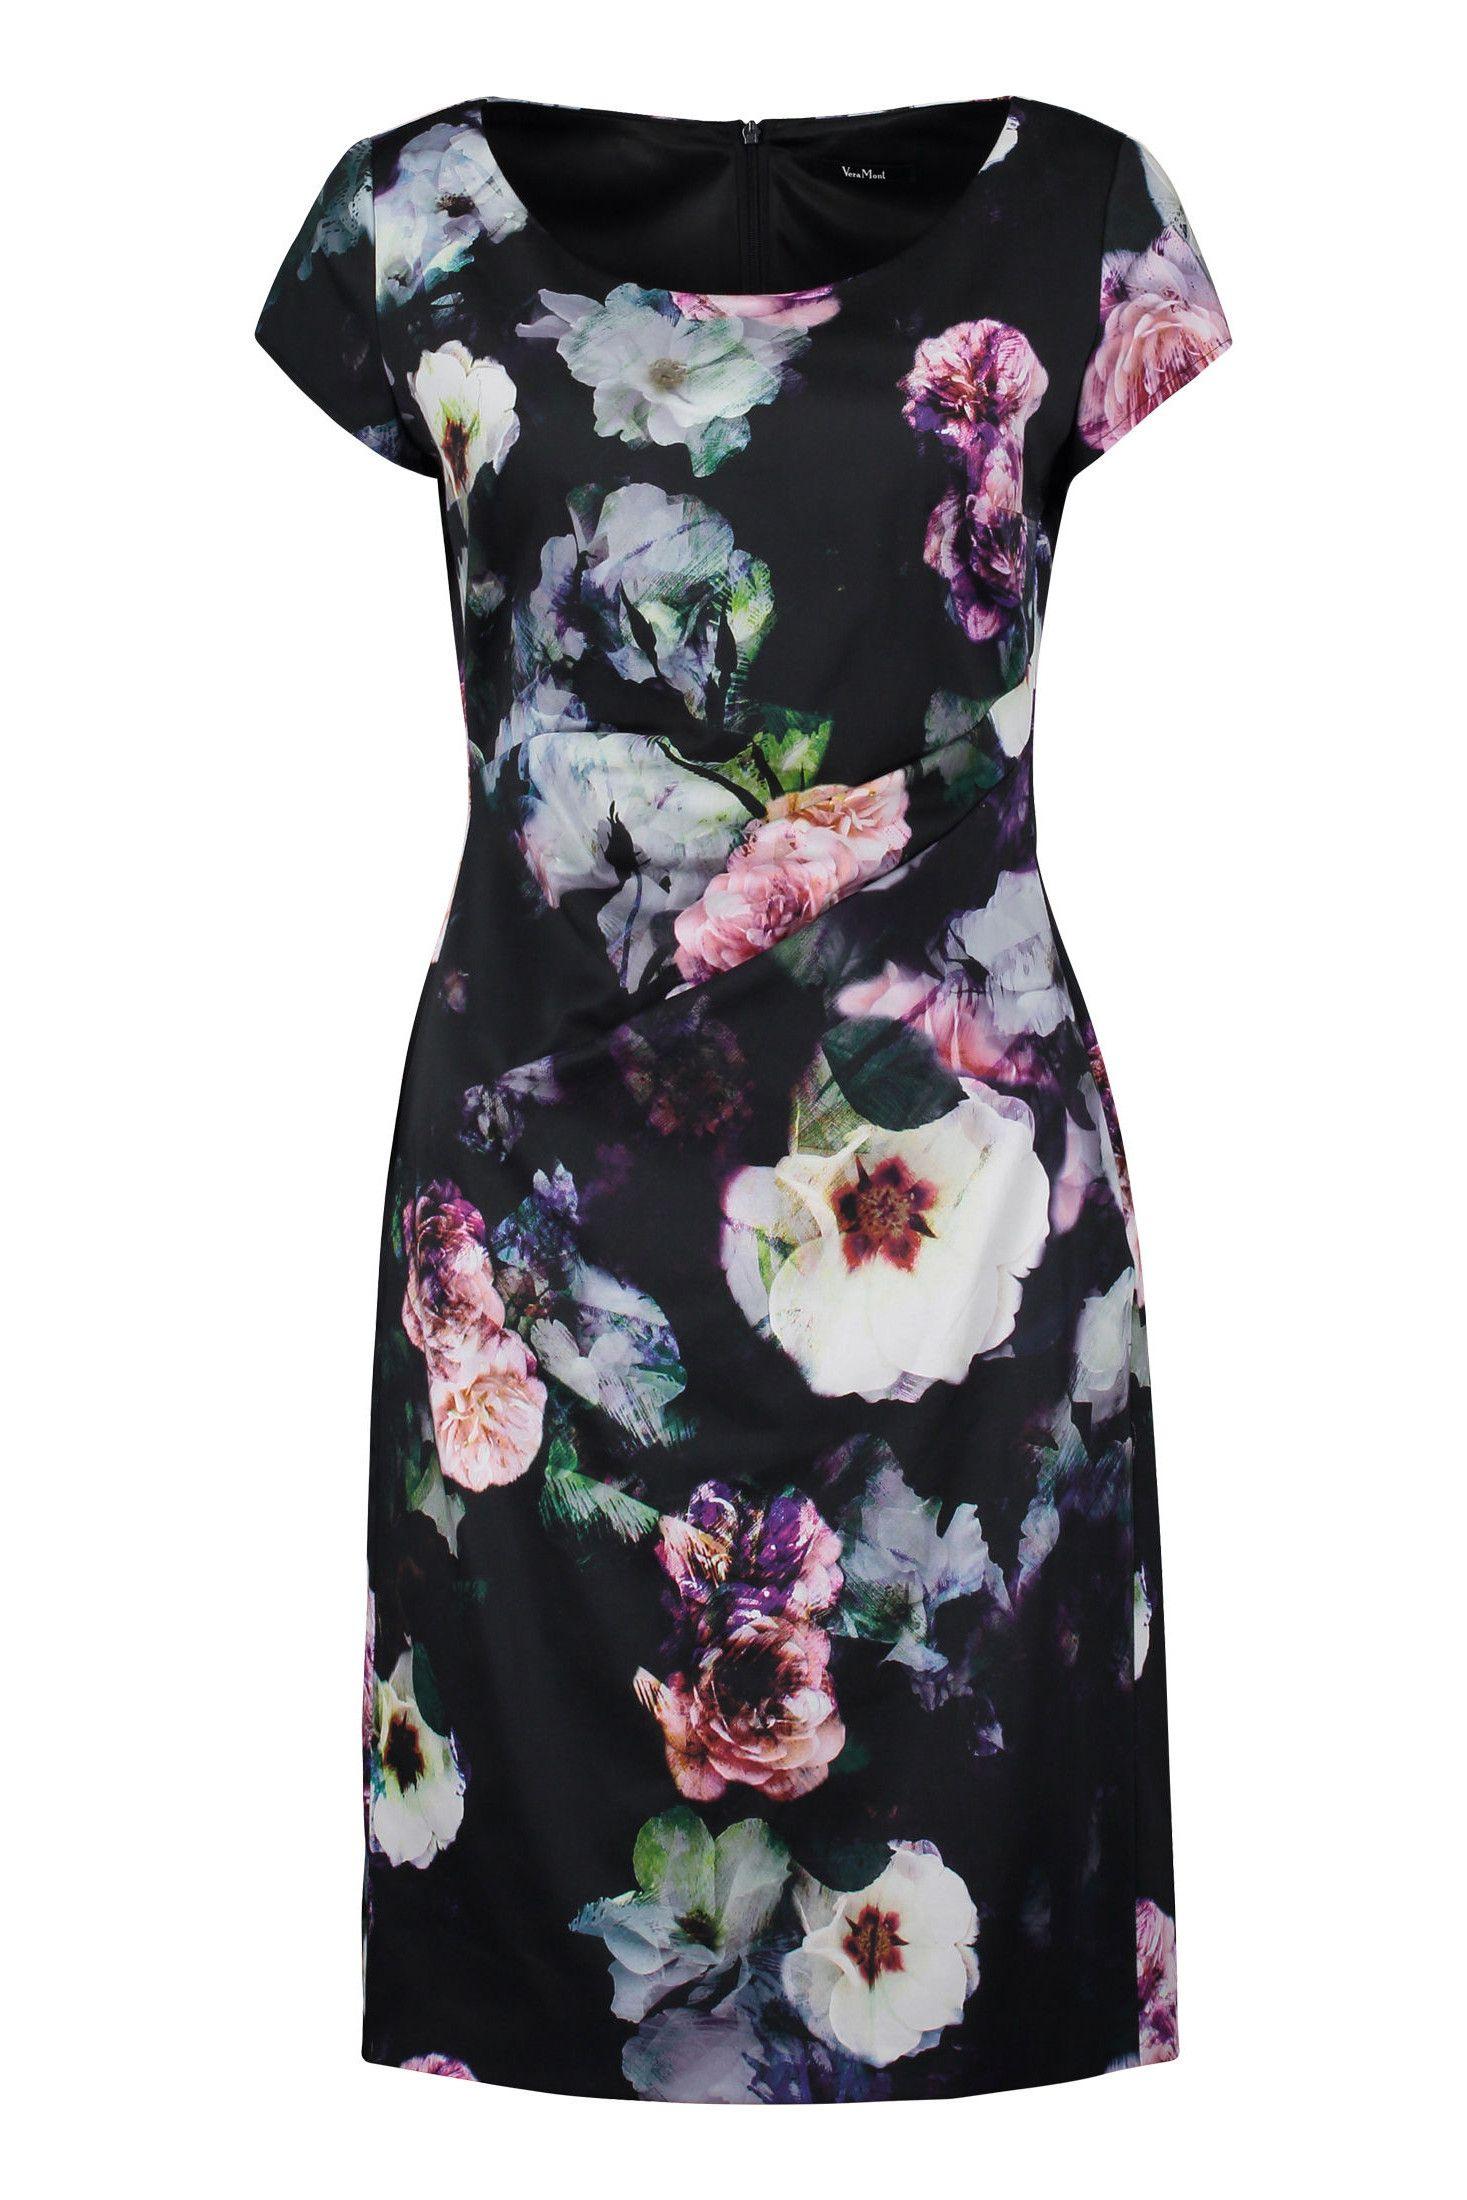 Kleid Baumwollsatin Blütenprint Vera Mont | Mode Bösckens